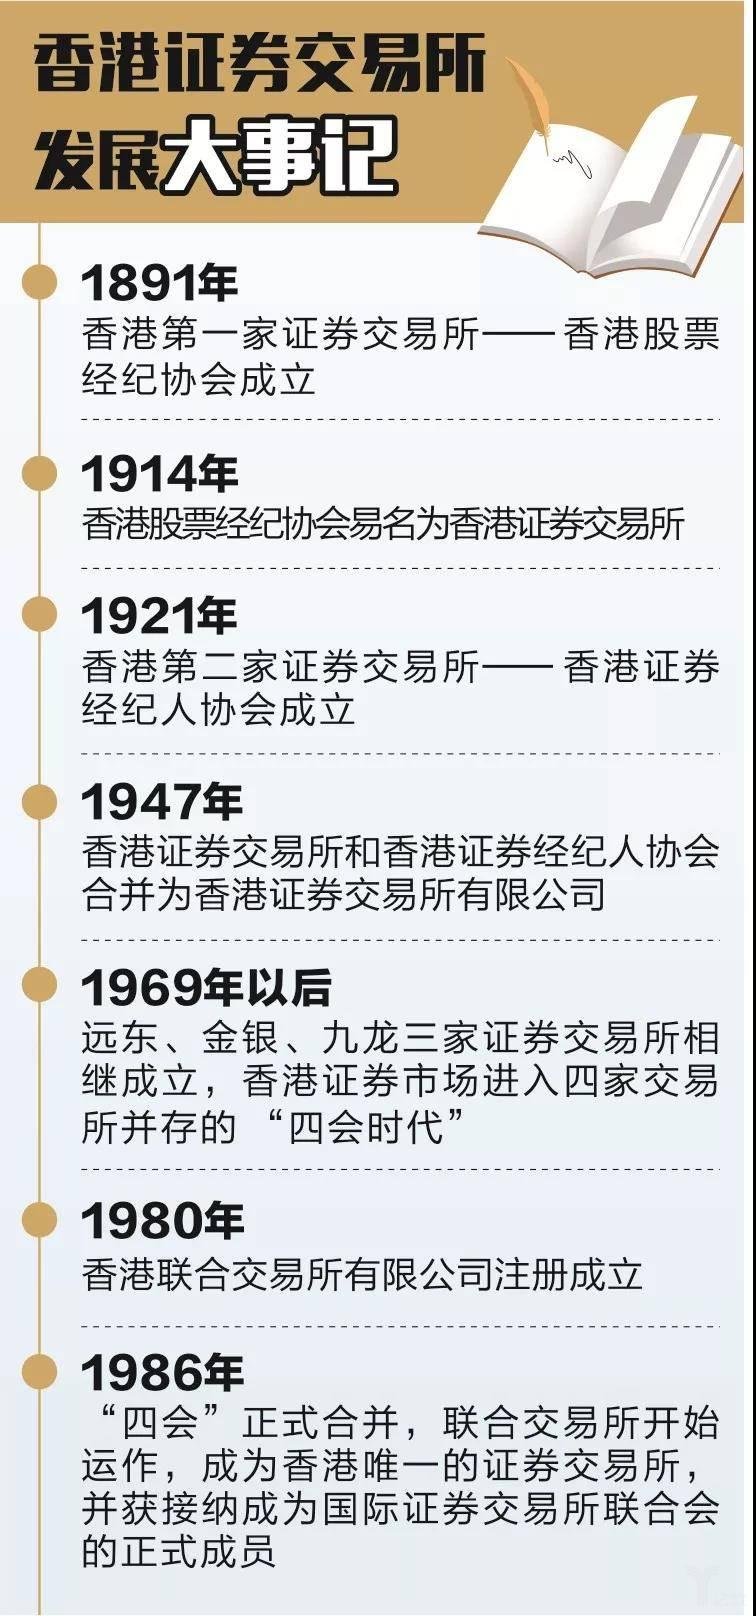 香港证券交易所发展大事记